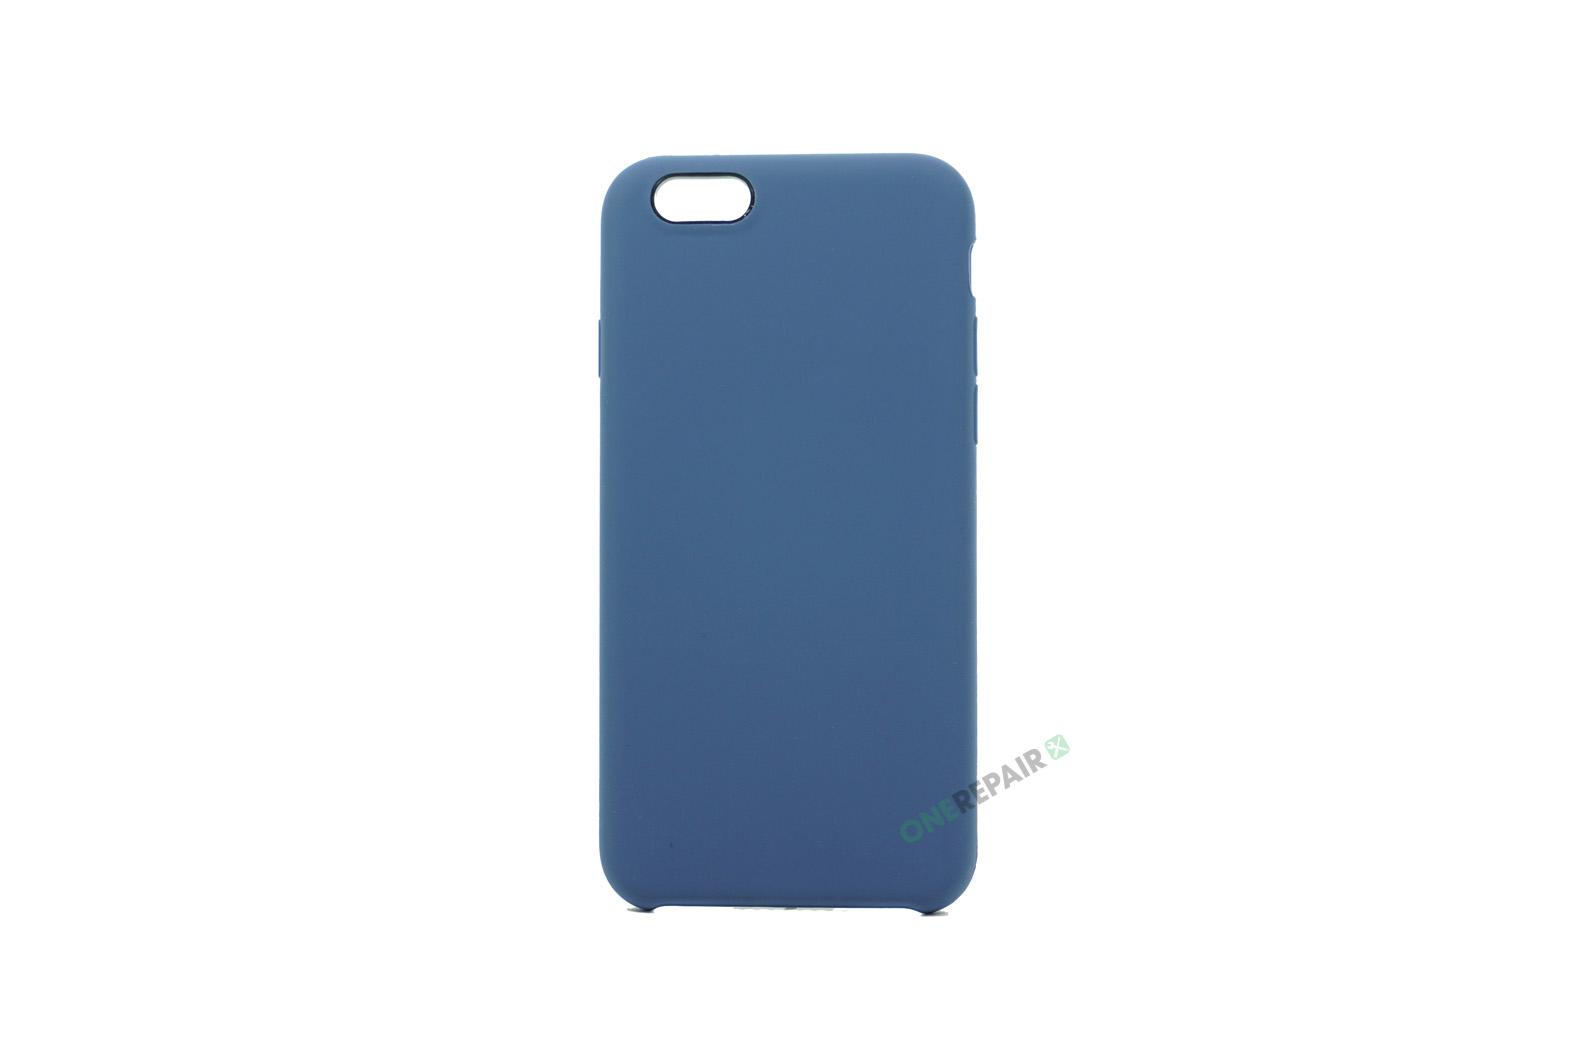 iPhone 6, 6S, A1549, A1586, A1589, A1633, A1688, A1700, A1691, Apple, Bagcover, SIlikone, Cover, Billig, Blå, Blaa, Navyblue